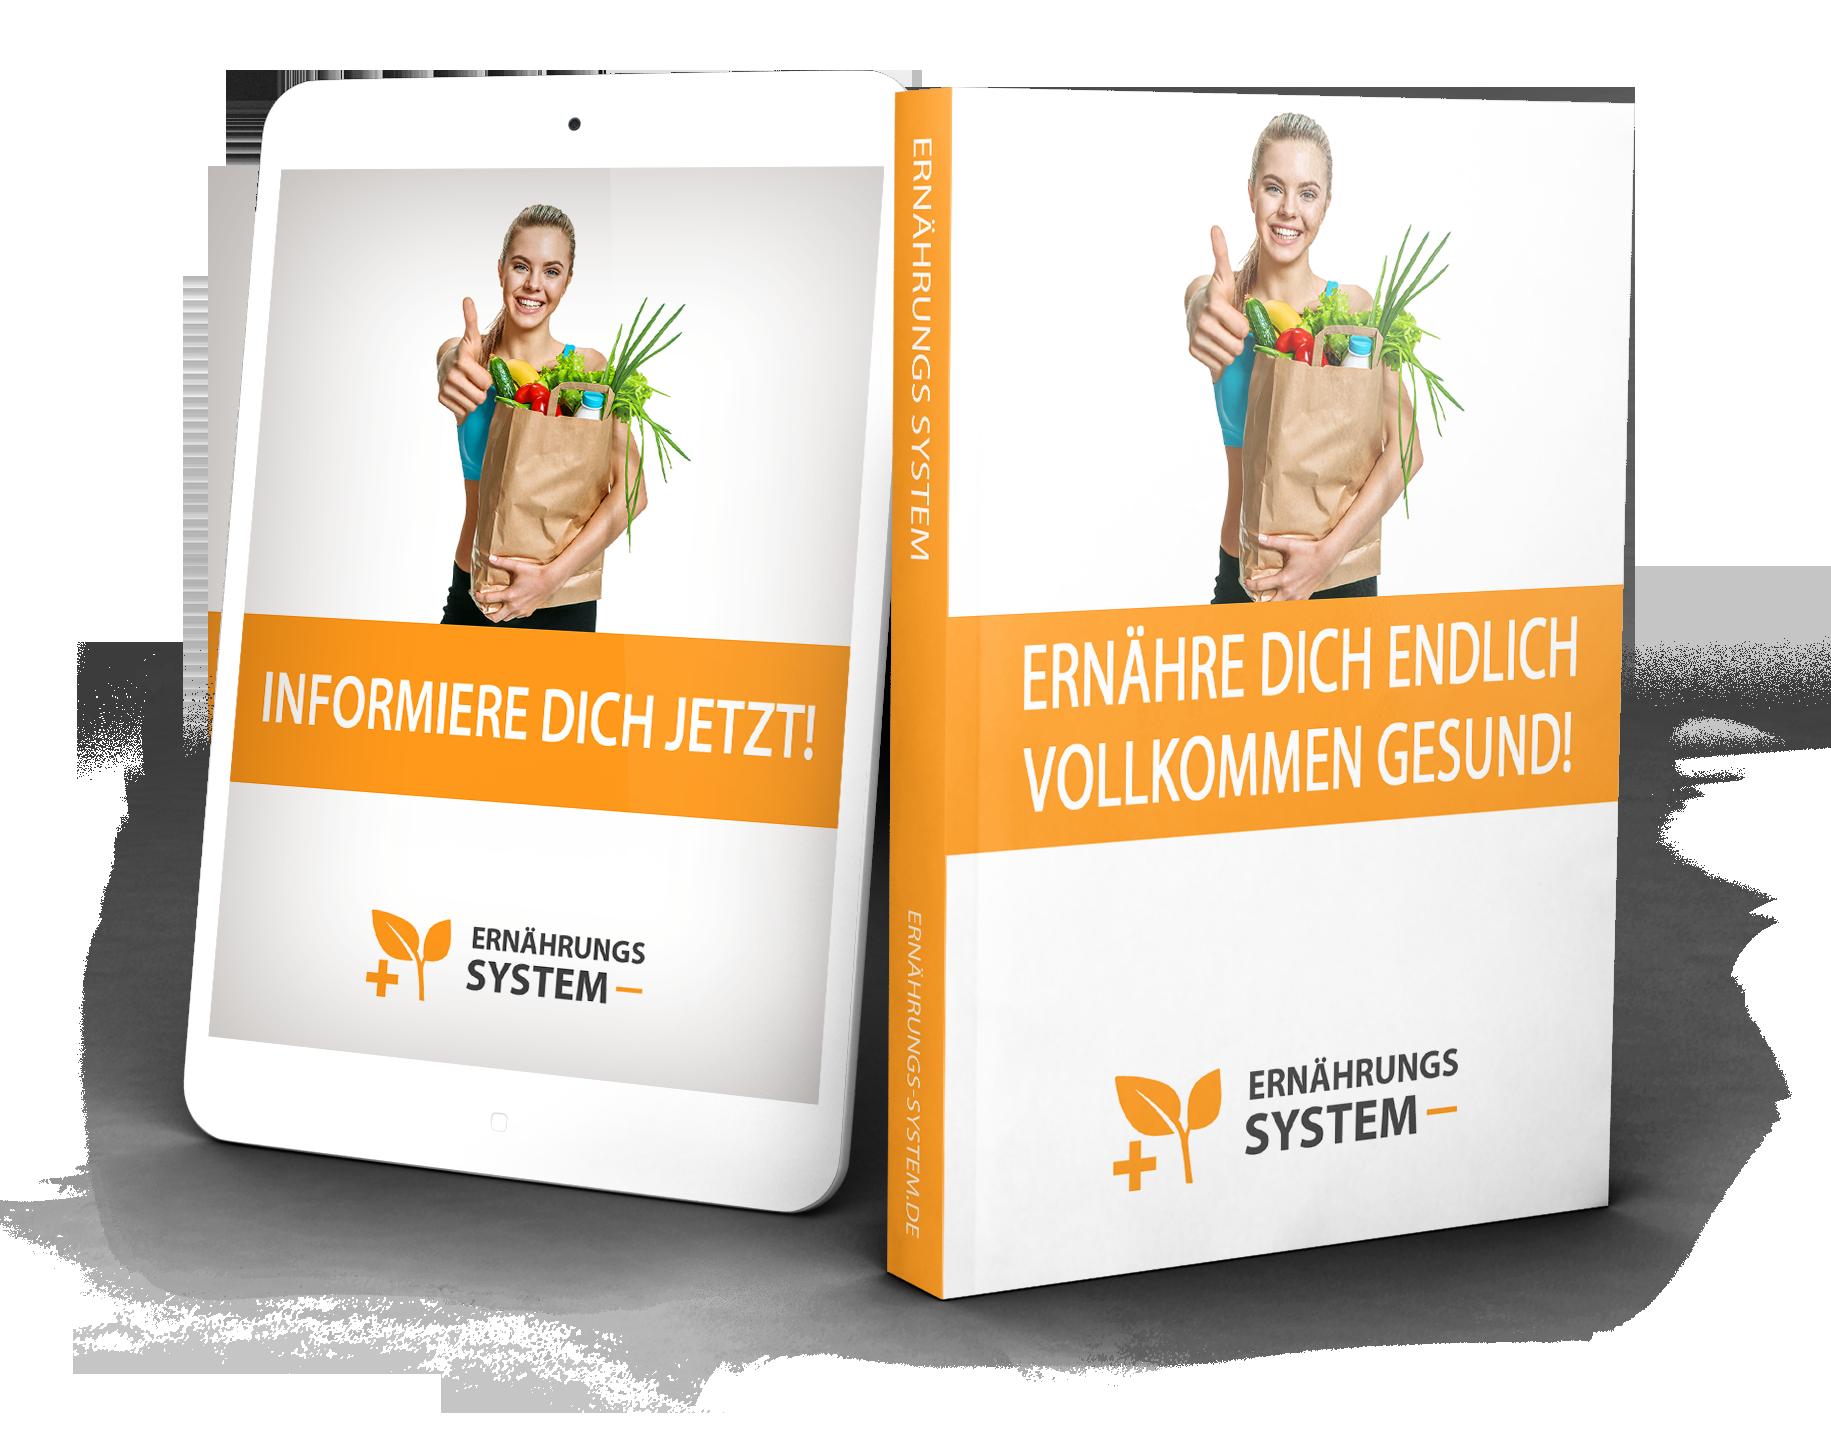 Das Ernährungssystem